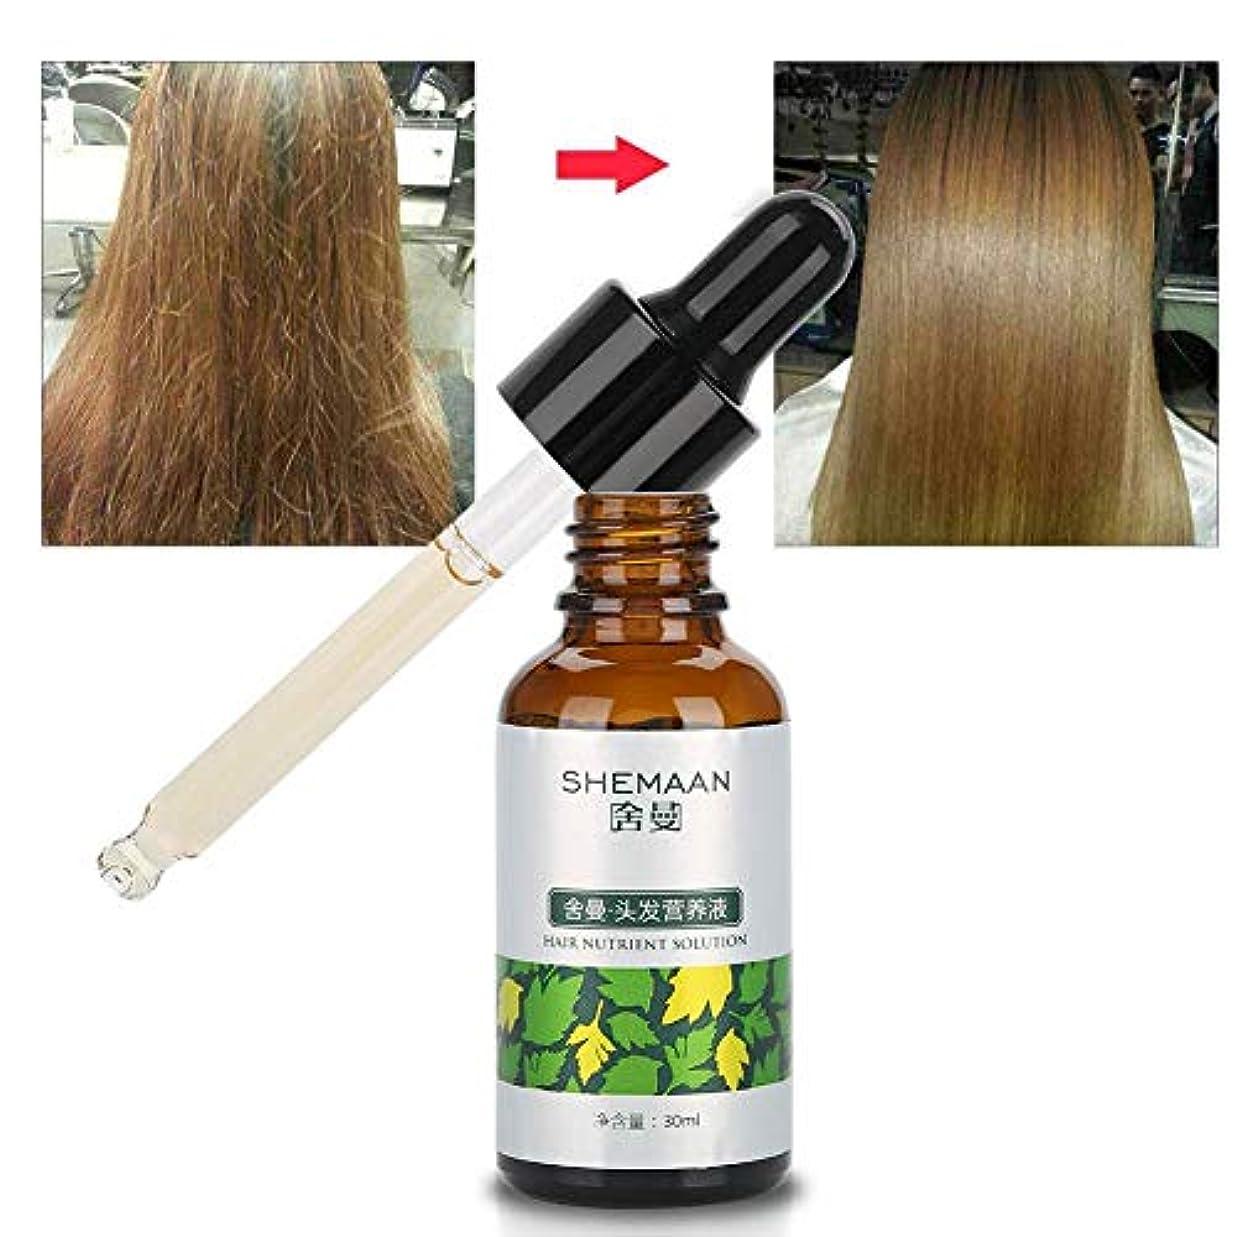 激しい脱獄テナントオイルヘア製品、30mlユニセックスセラムにより、髪を滑らかで柔らかく、明るい髪にします。髪のもつれや枝毛を減らします。